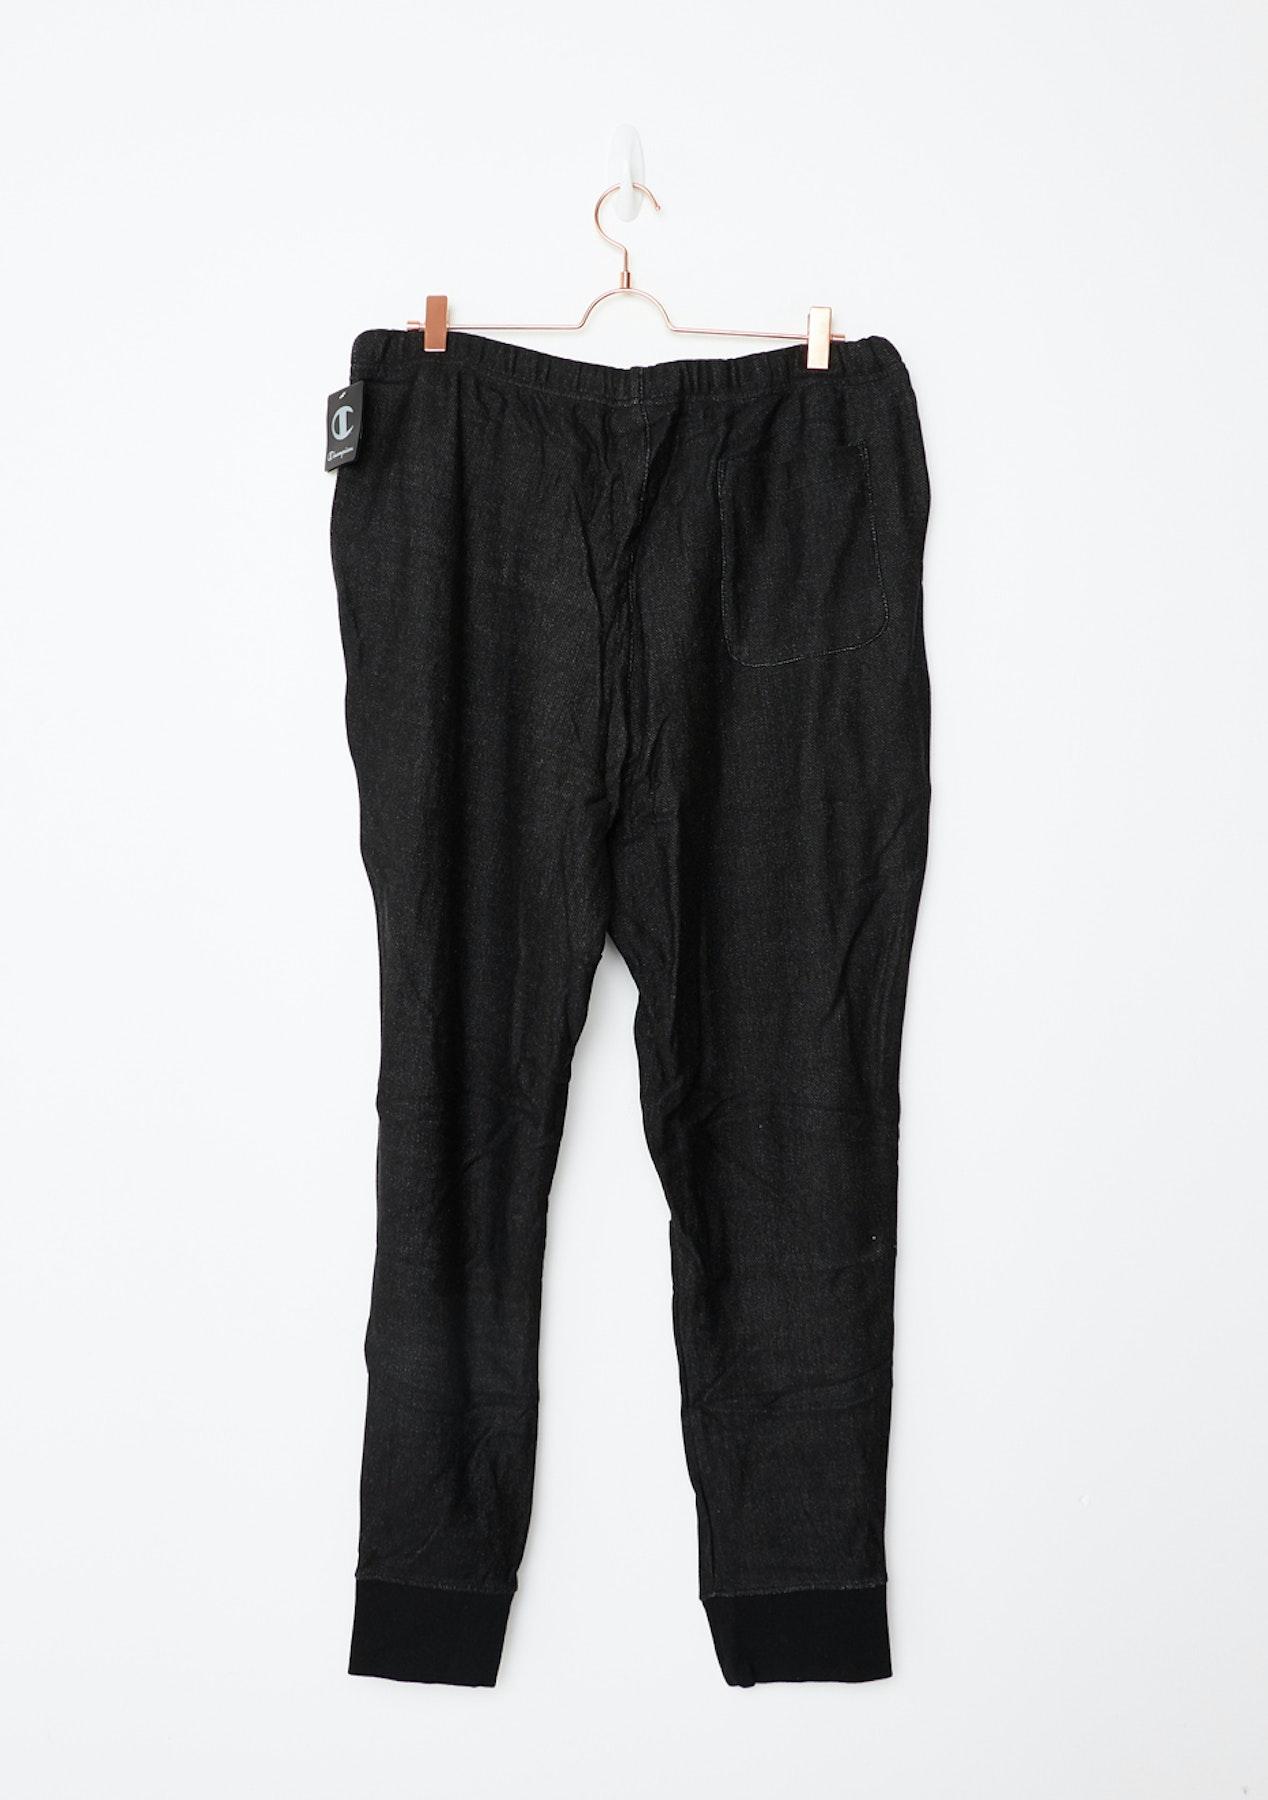 Champion Mens - Rev Weave Ft Pant - Black - Big Brand Mens Outlet - Onceit 3b7af441810b